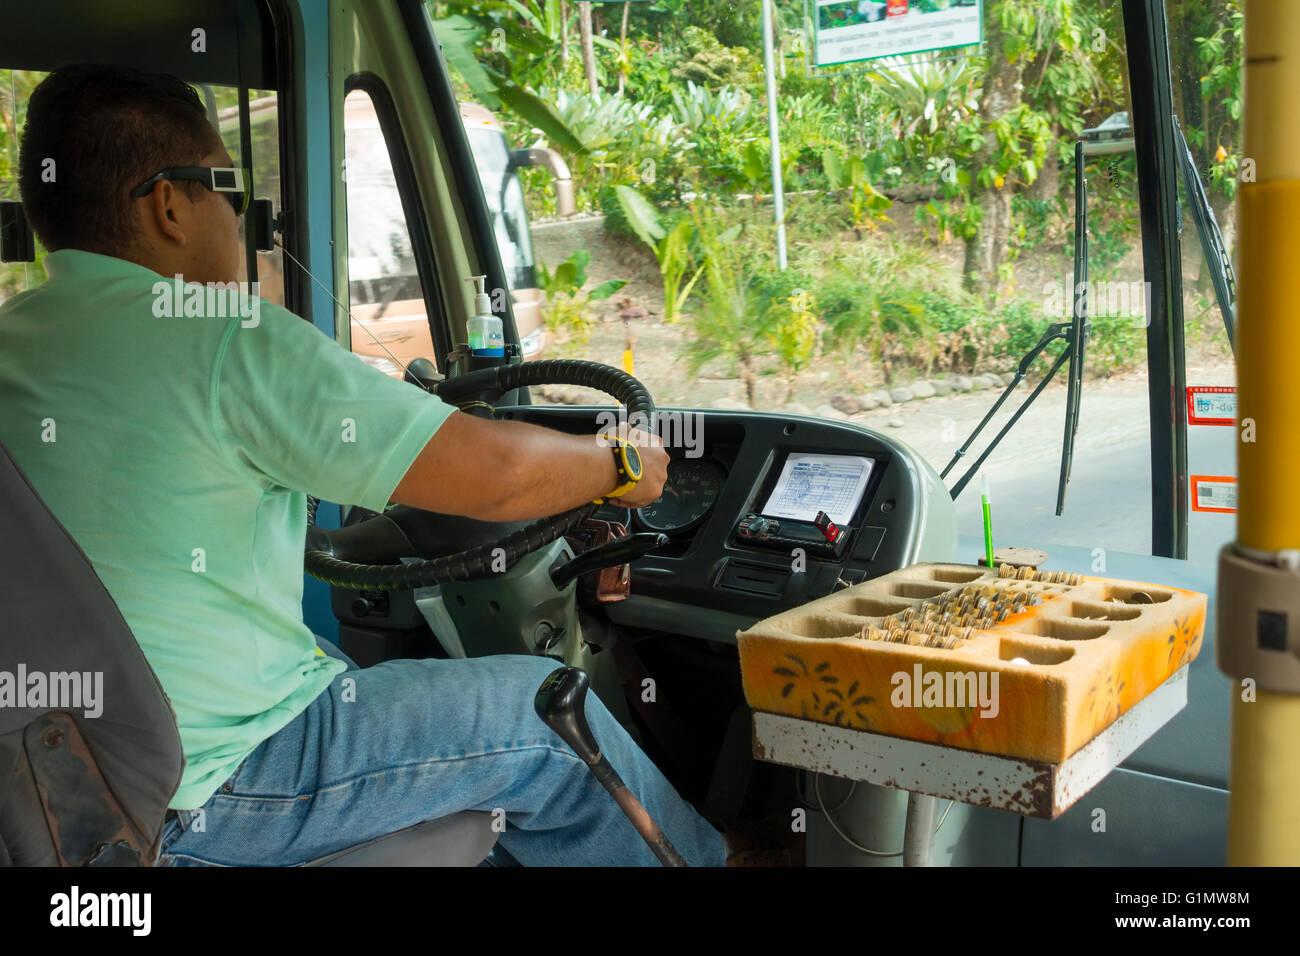 Ein Busfahrer fahren einen alten Bus mit eine altmodische Art und Weise Geld zu sammeln. Quepos, Provinz Puntarenas, Stockbild